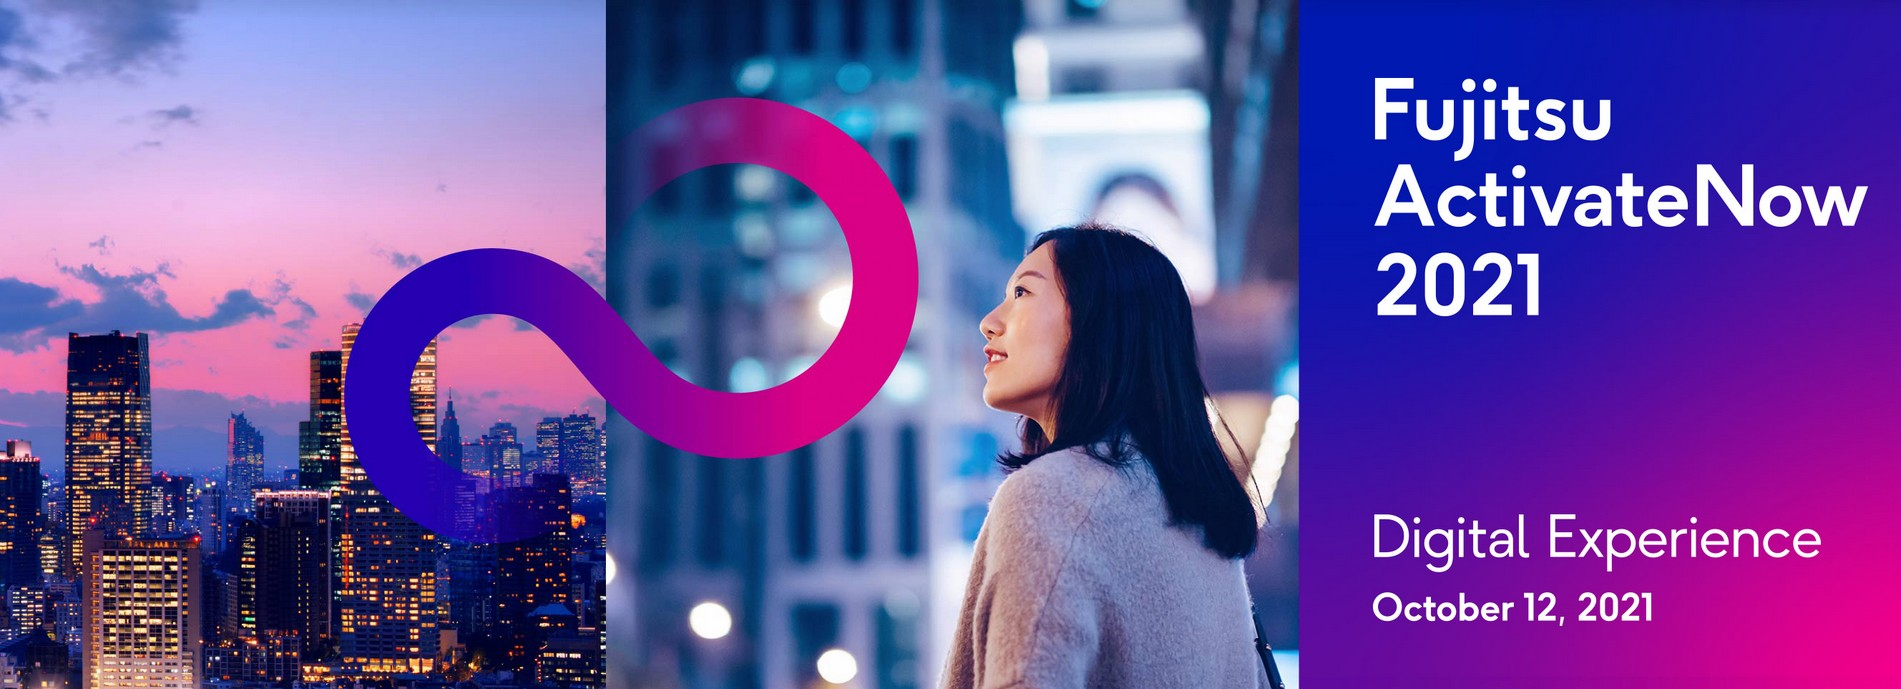 ฟูจิตสึเตรียมเผยวิสัยทัศน์ระดับโลกเพื่ออนาคตที่ยั่งยืนผ่านนวัตกรรมดิจิทัลที่งาน Fujitsu ActivateNow 2021